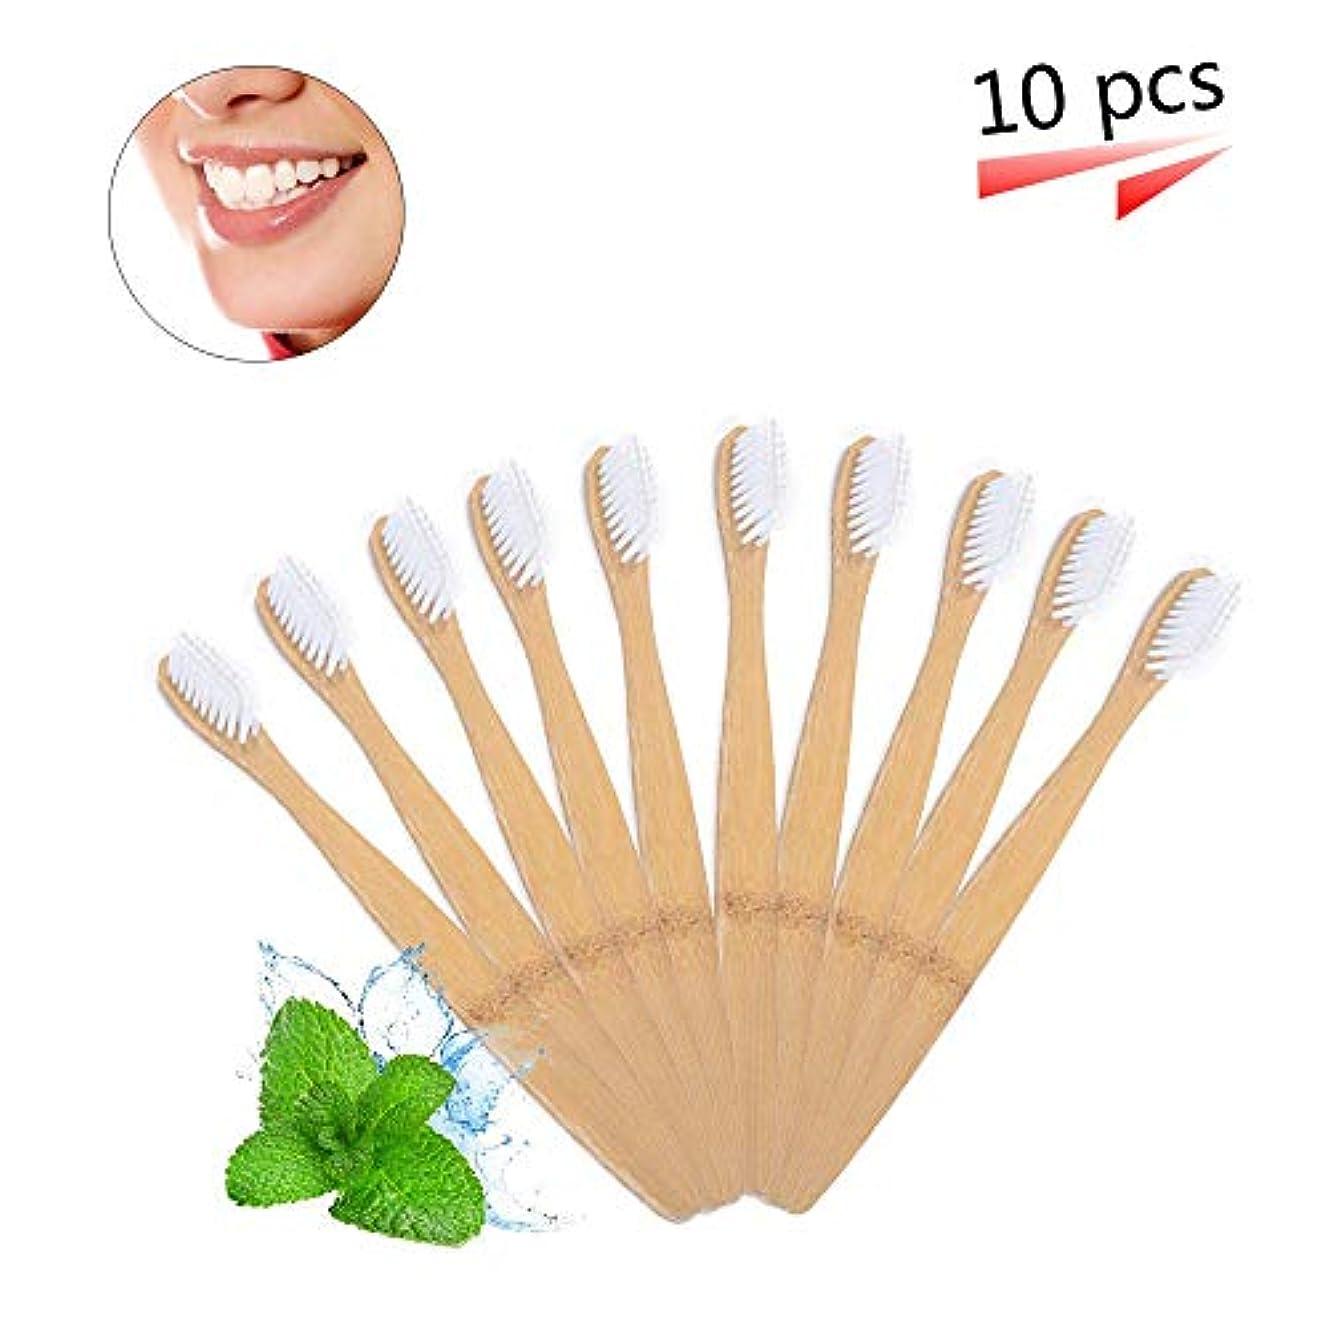 ビデオ知性チャーミング竹の歯ブラシ 分解性 環境保護の歯ブラシ 天然の柔らかいブラシ ホワイト 10本